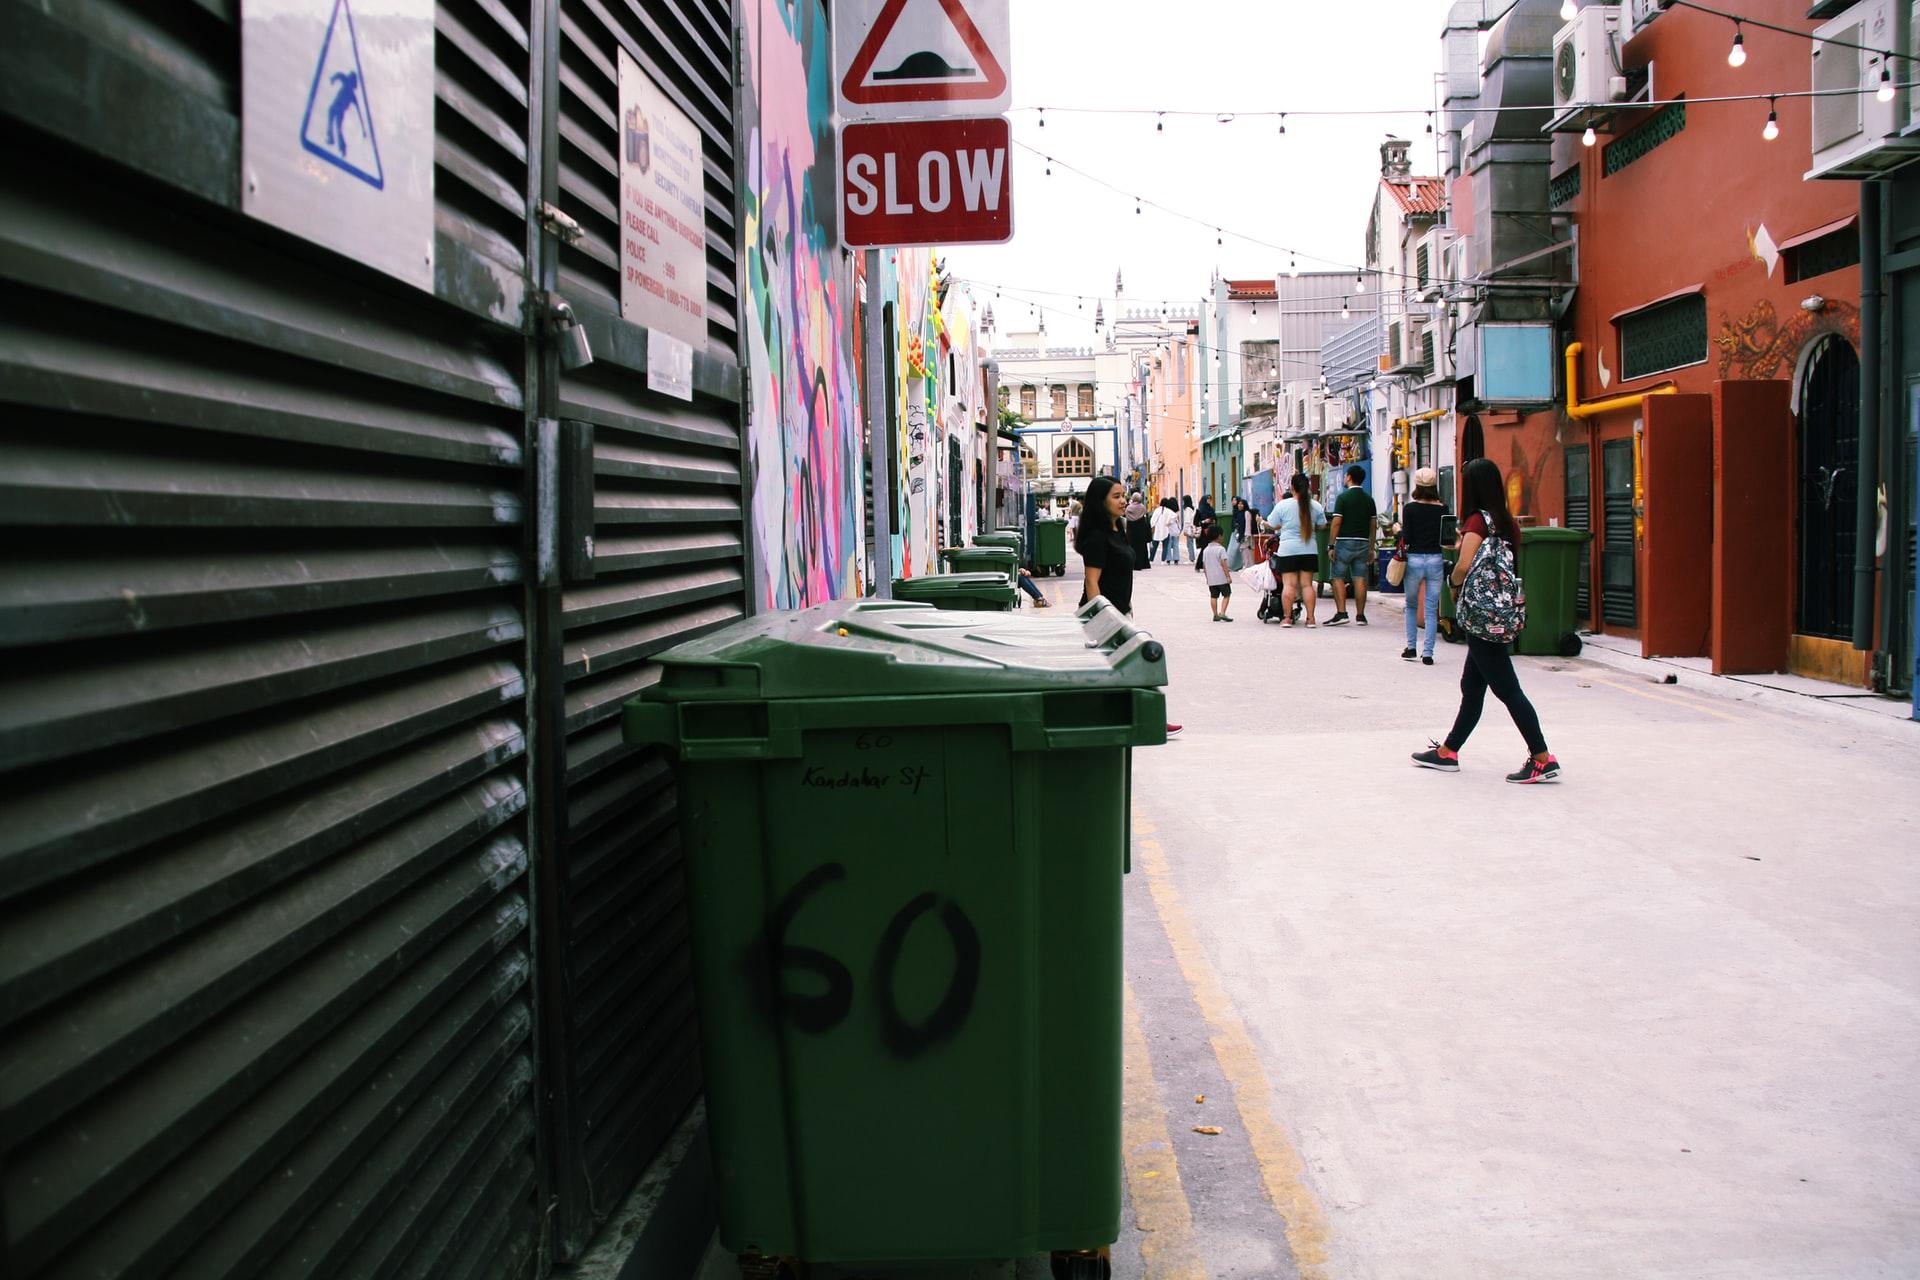 Buang sampah di tempatnya, salah satu aturan di Singapura